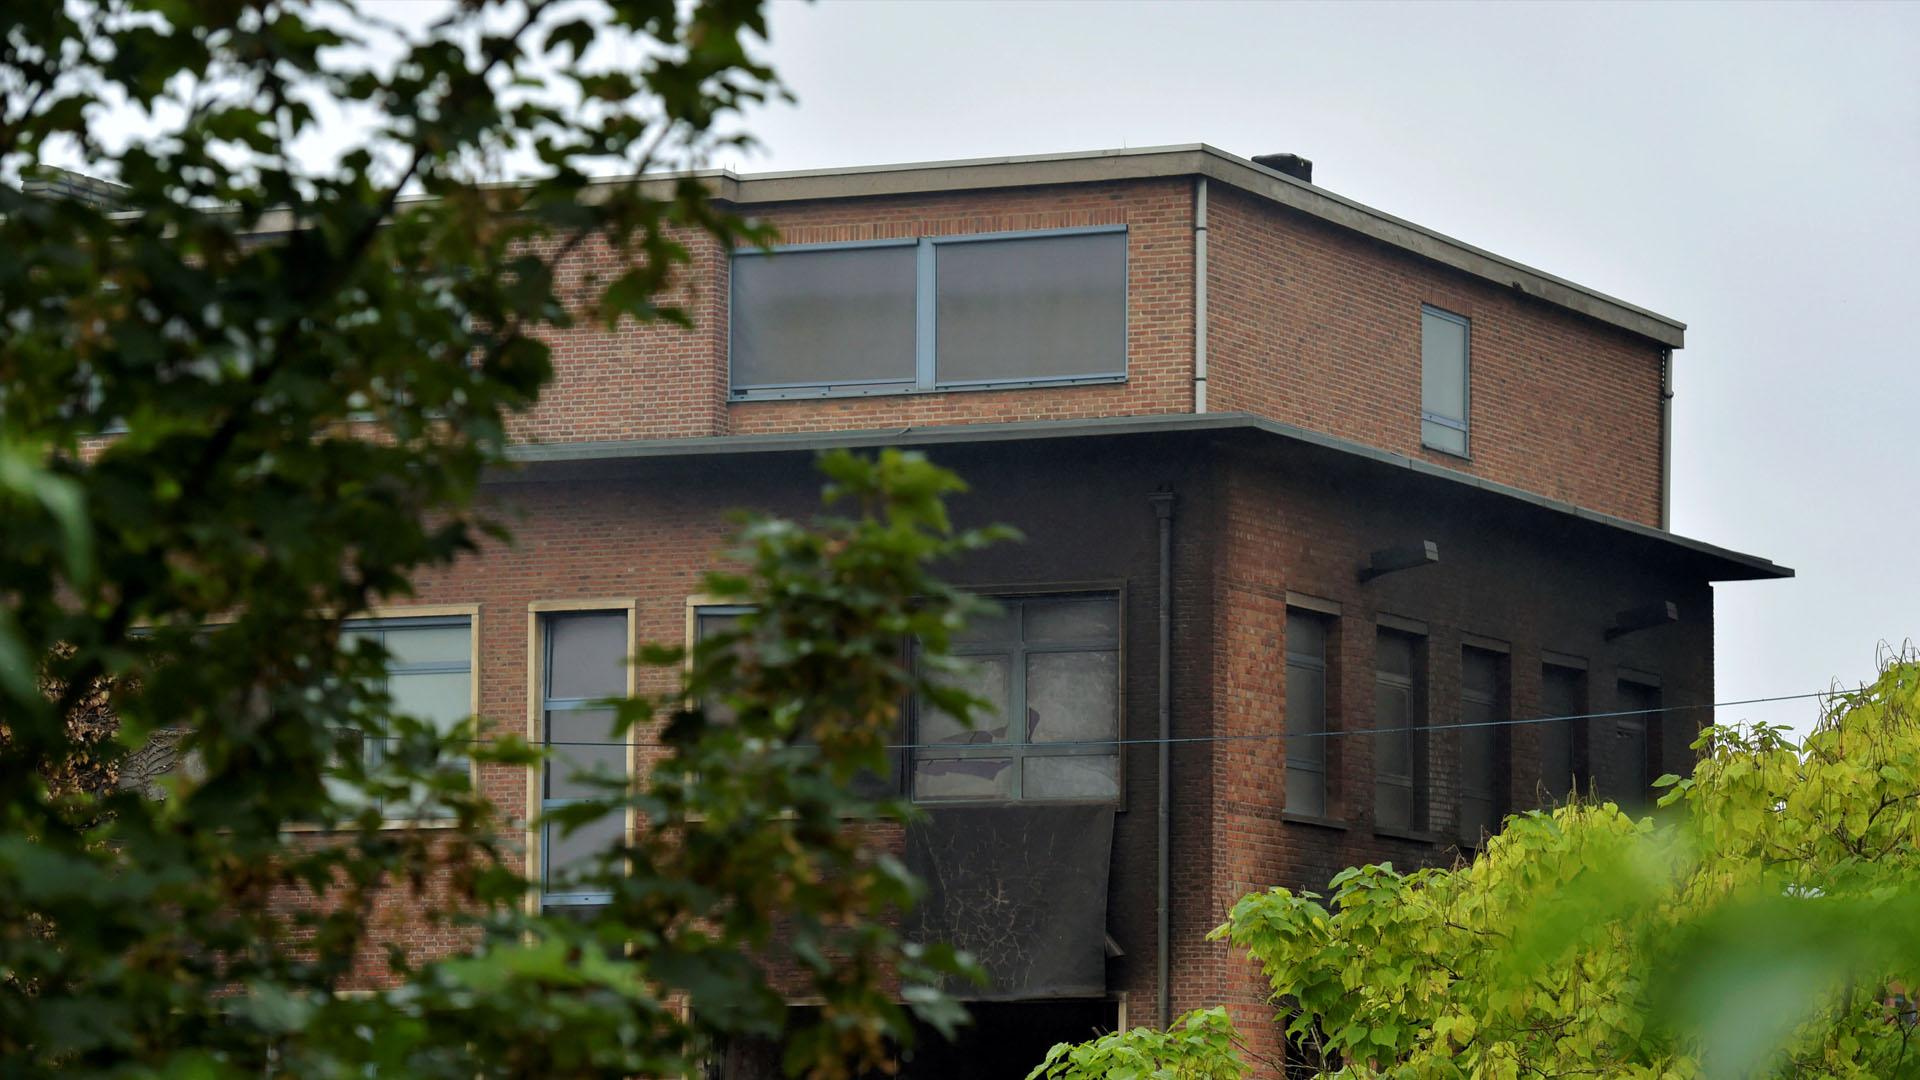 Una institución científica de Bruselas fue victima de actos criminales en la madrugada de este lunes